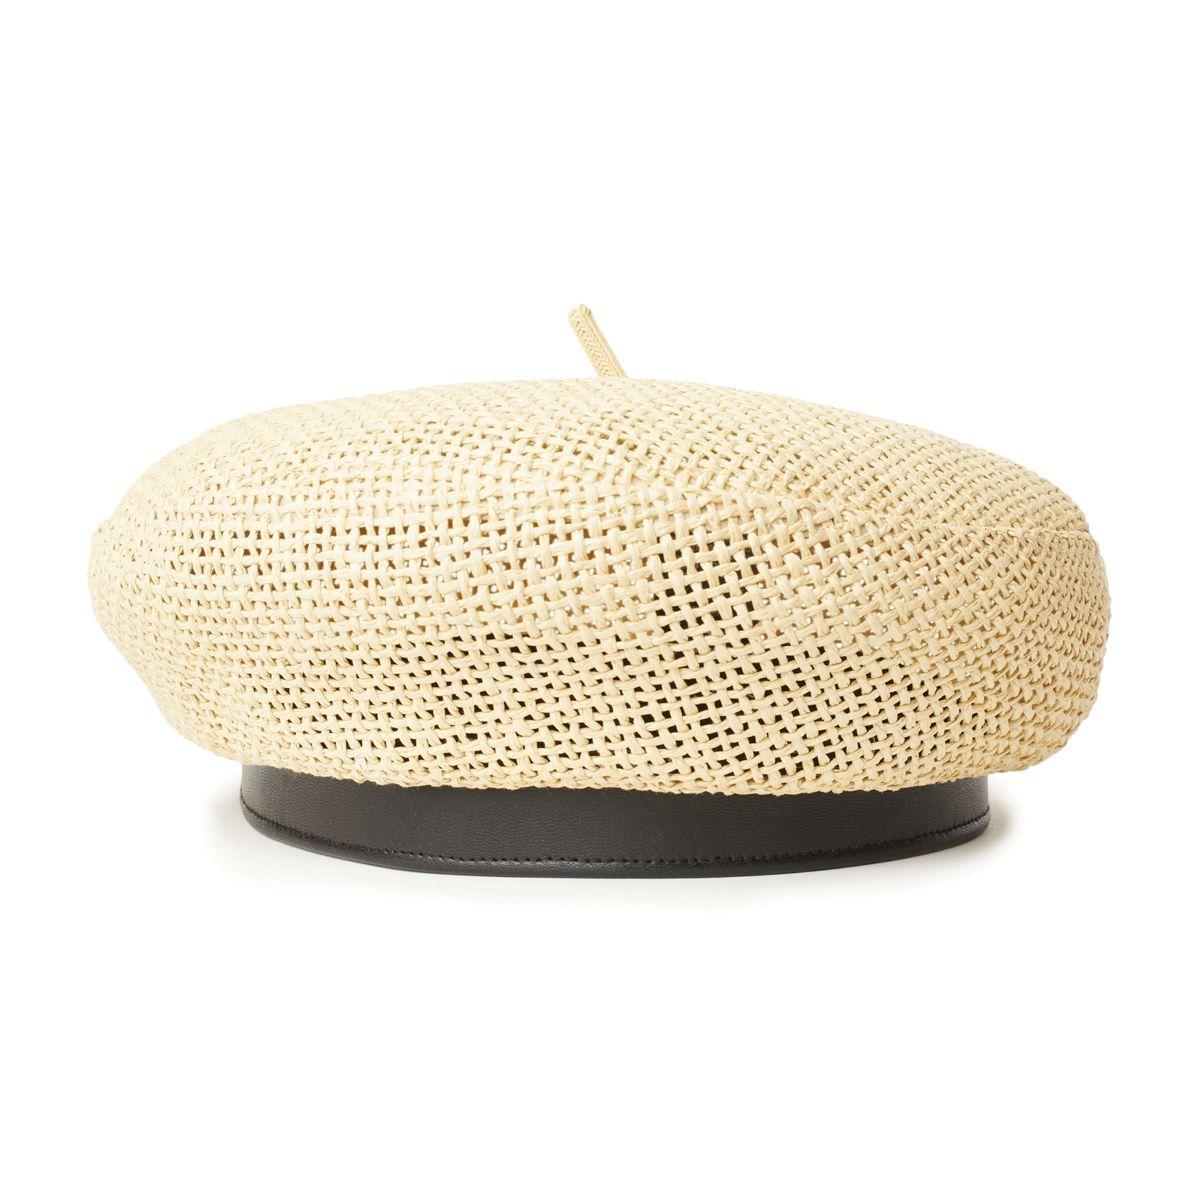 """【SALE】BRIXTONWOMENSブリクストンウィミンズ10634""""AUDREYSTRAW2BERRET""""オードリーストローベレー帽子ベレー帽TANBROWN2カラーレディース国内正規20%OFF"""